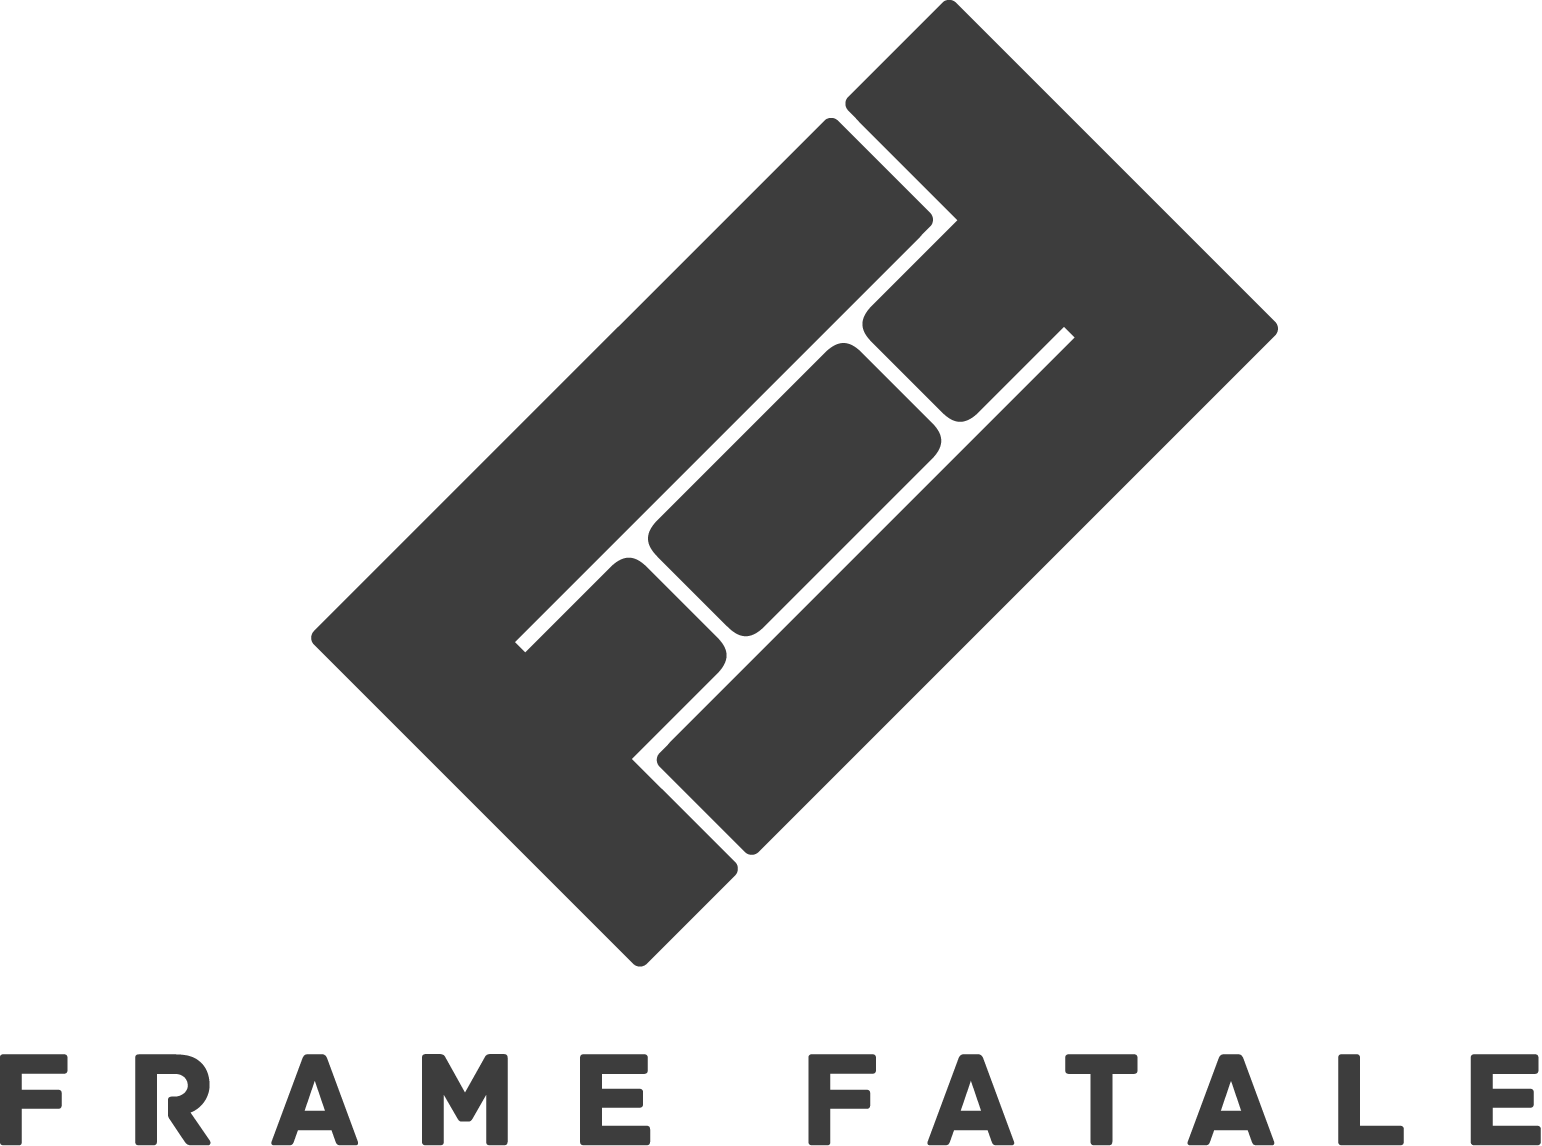 Frame Fatale